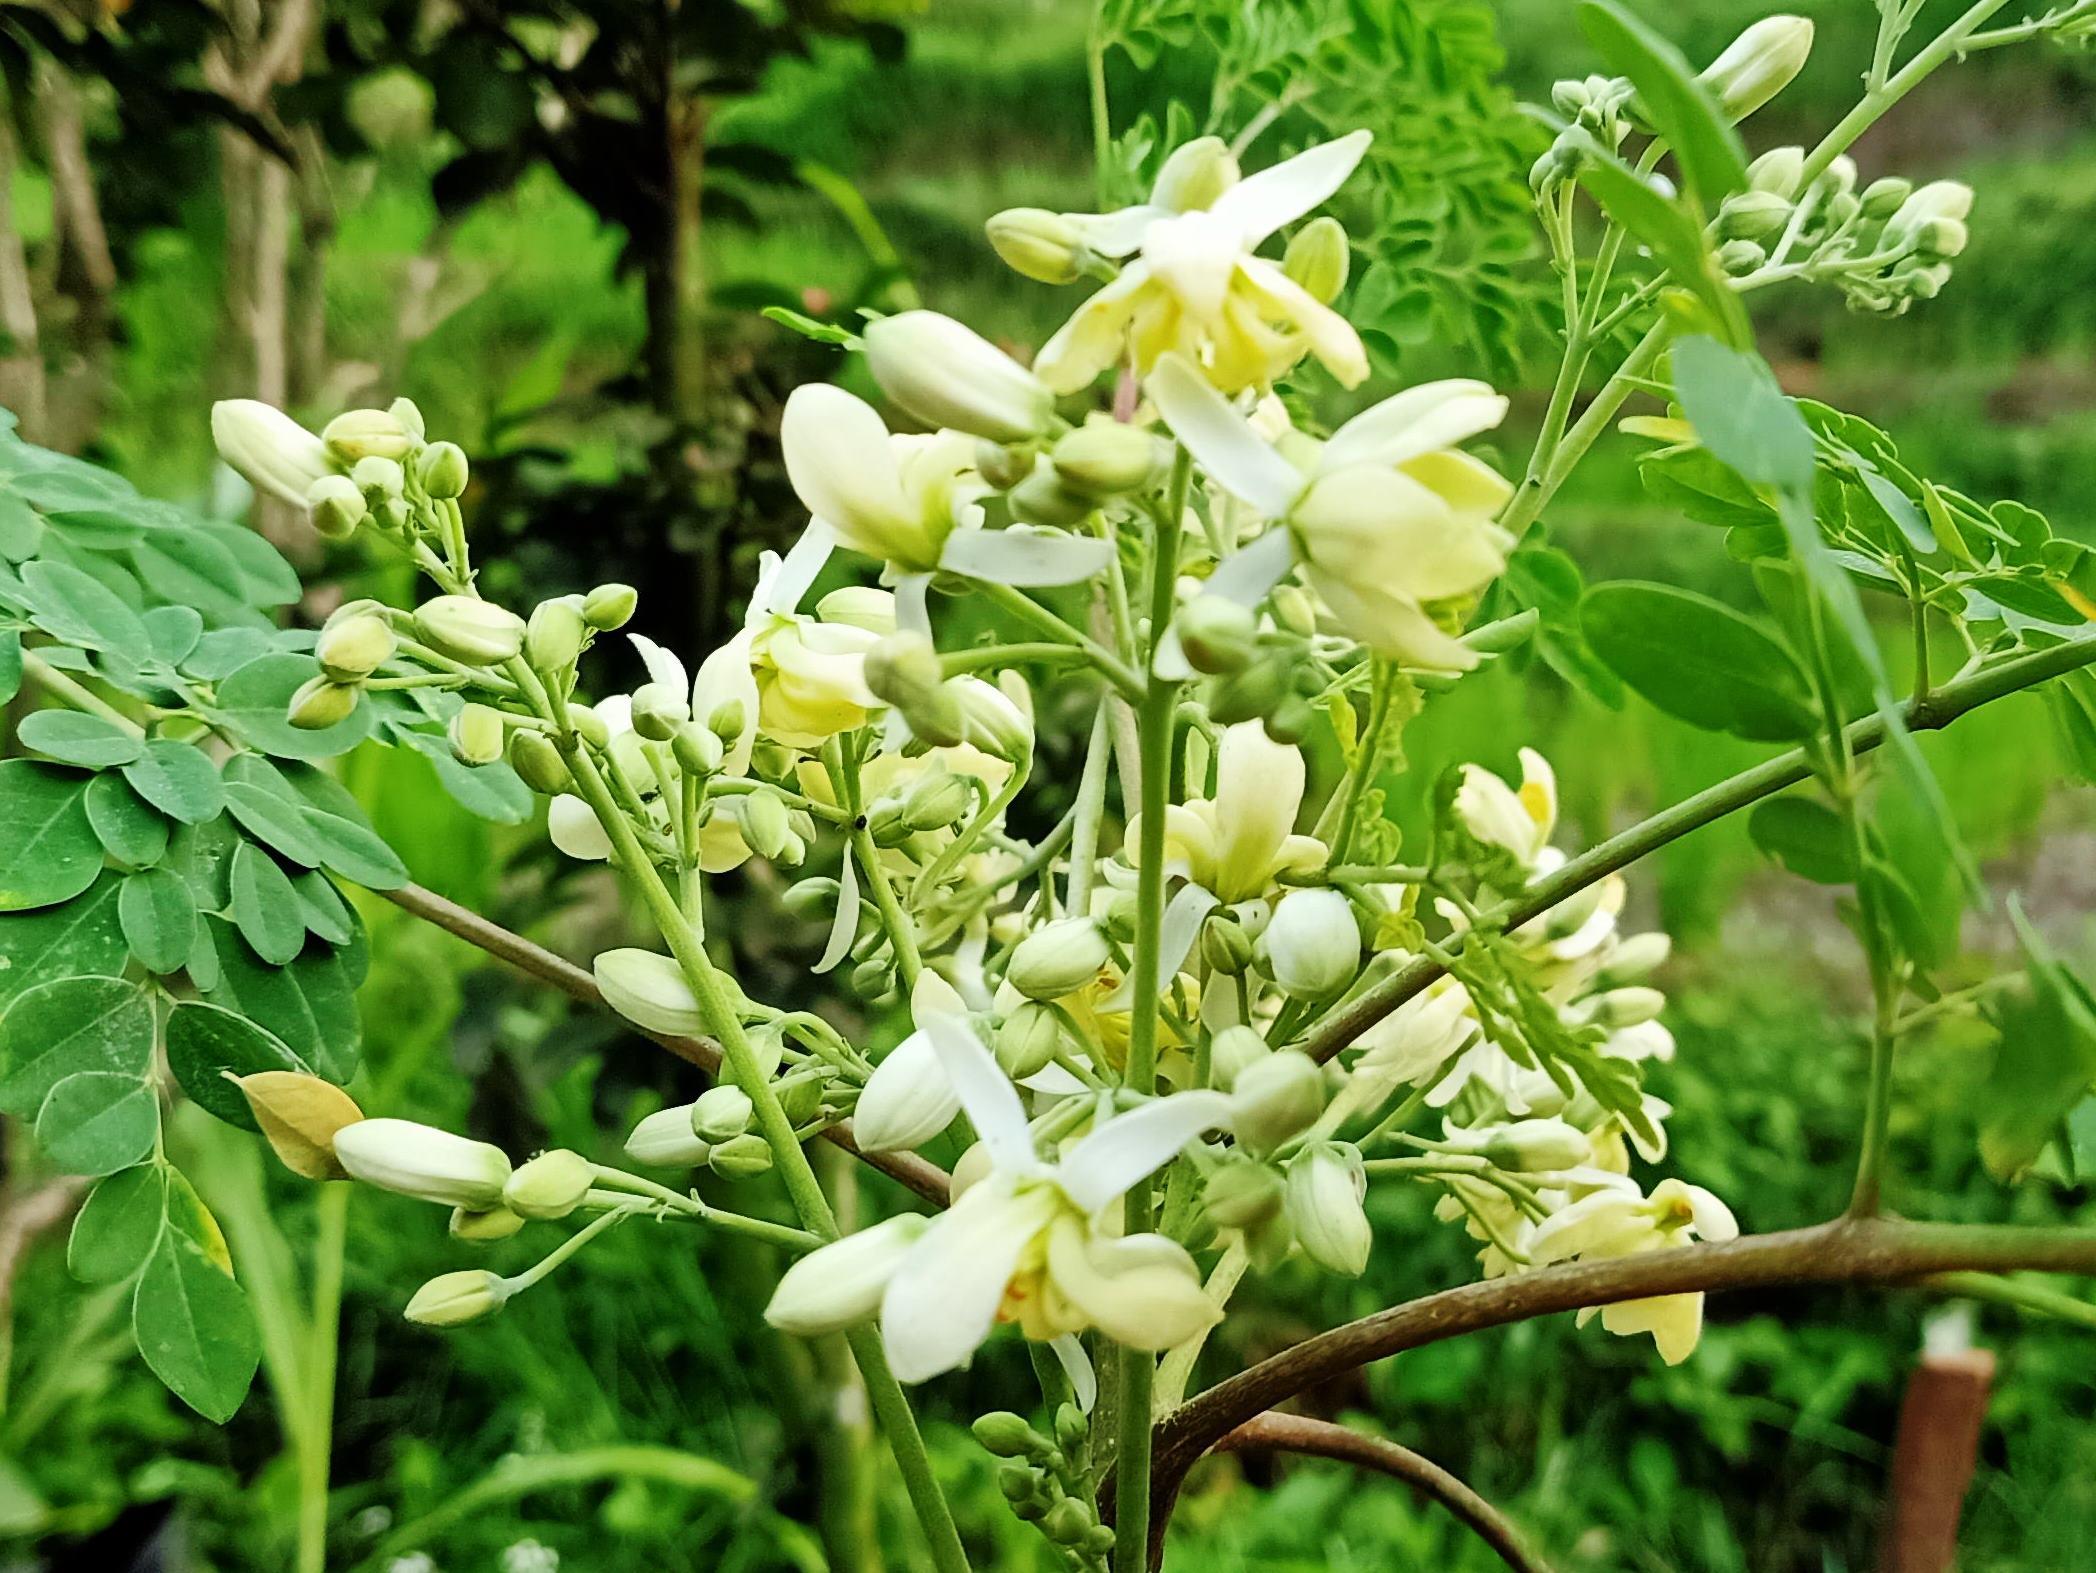 Bunga Kelor Memiliki Manfaat Besar bagi kesehatan